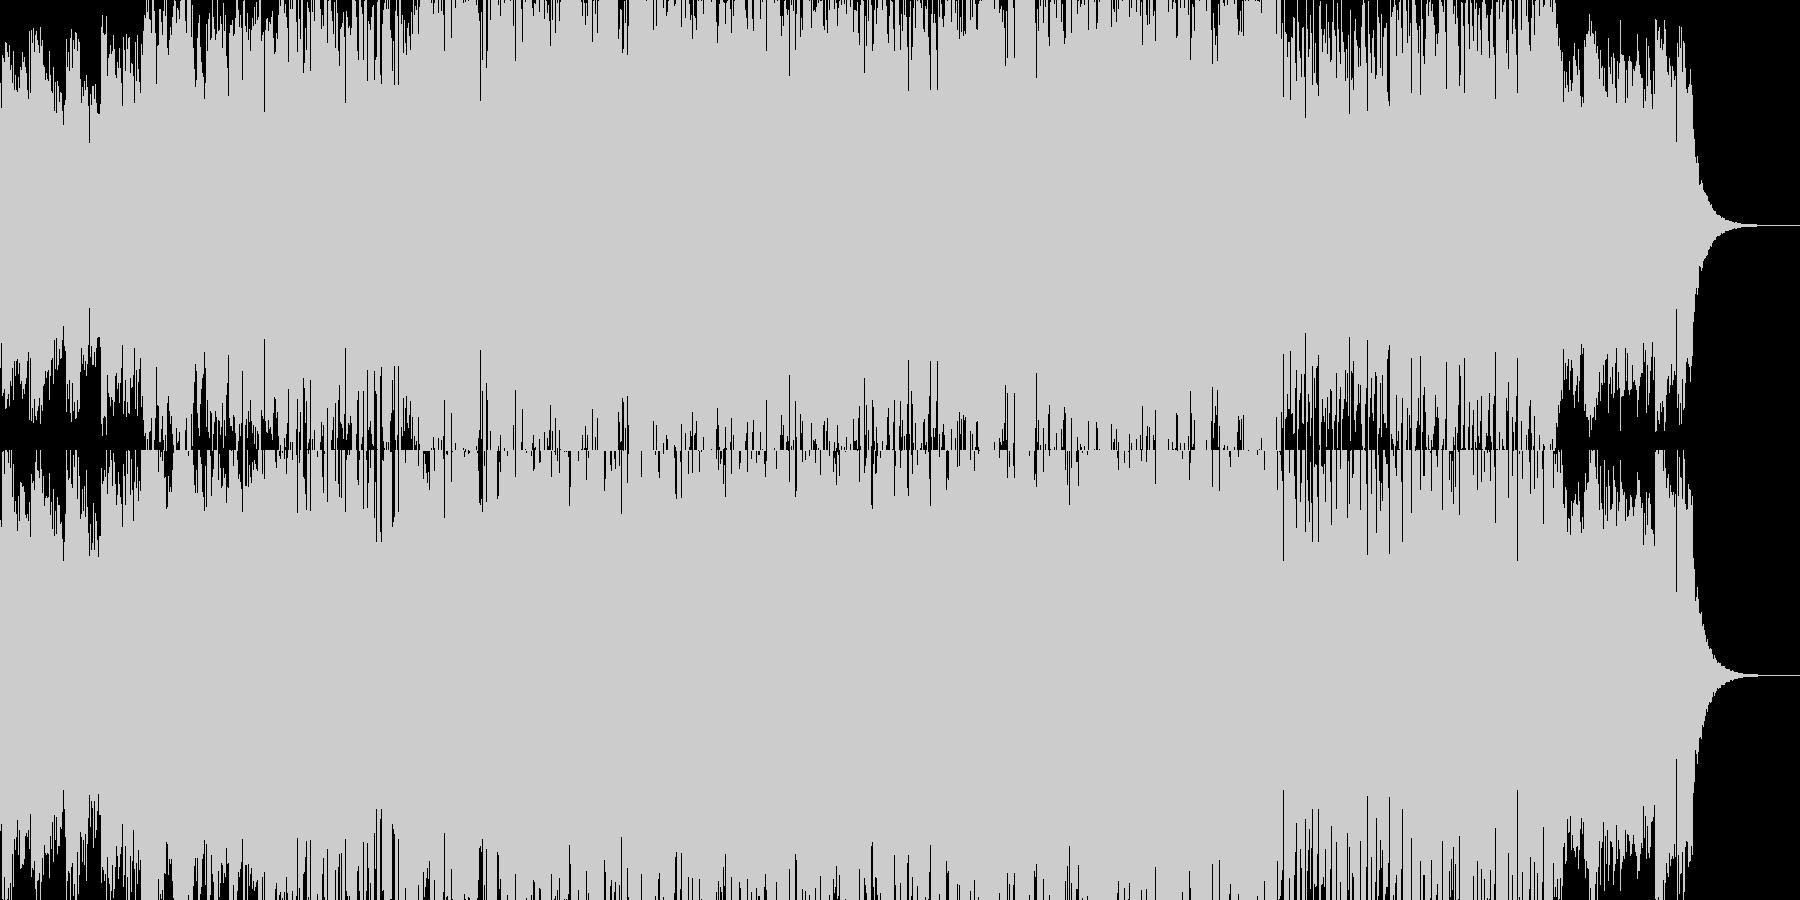 ノスタルジーを感じるオーボエ曲の未再生の波形